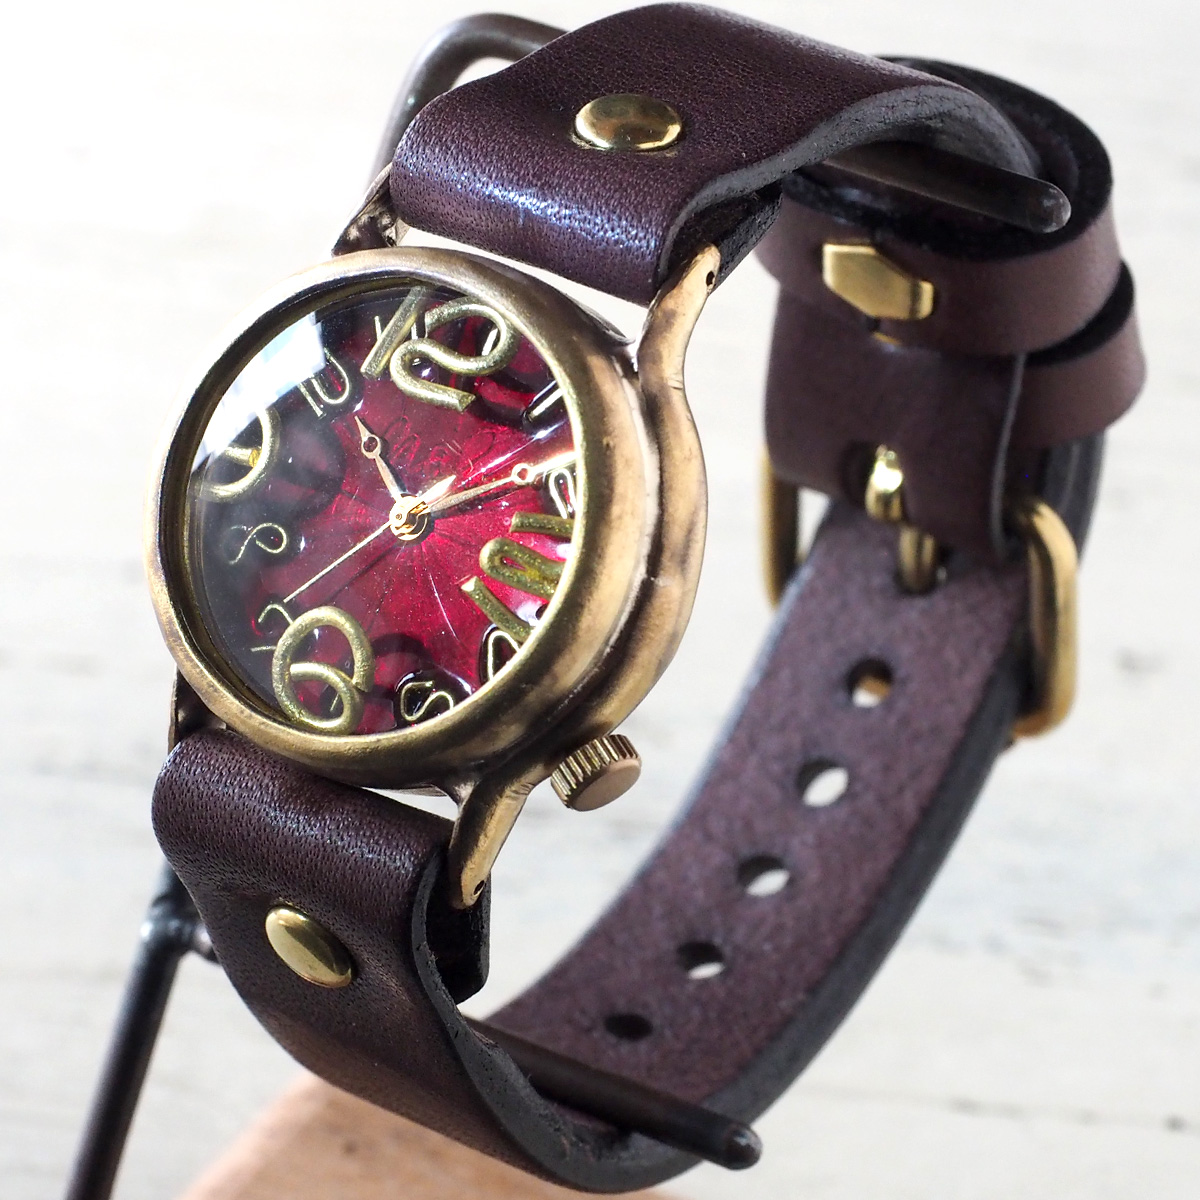 """渡辺工房 手作り腕時計 """"On Time-B"""" クリアレッド文字盤 [NW-214B-RD]"""